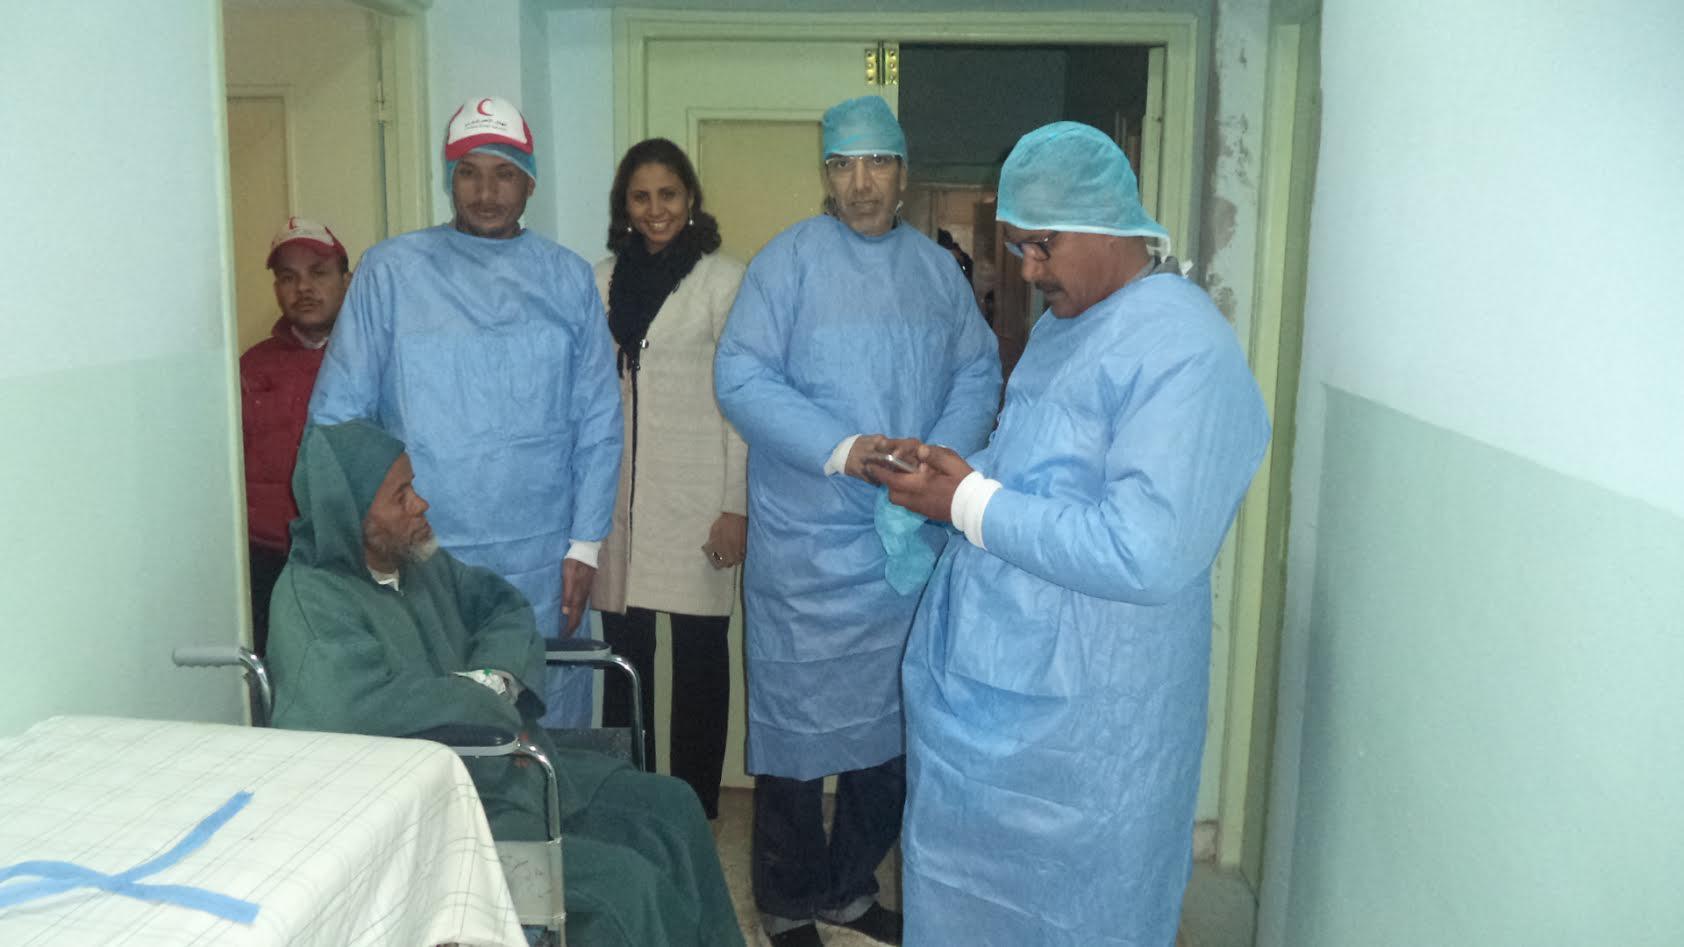 أزيد من 1150 مستفيد من خدمات قافلة طبية متعددة الاختصاصات بإقليم زاكورة